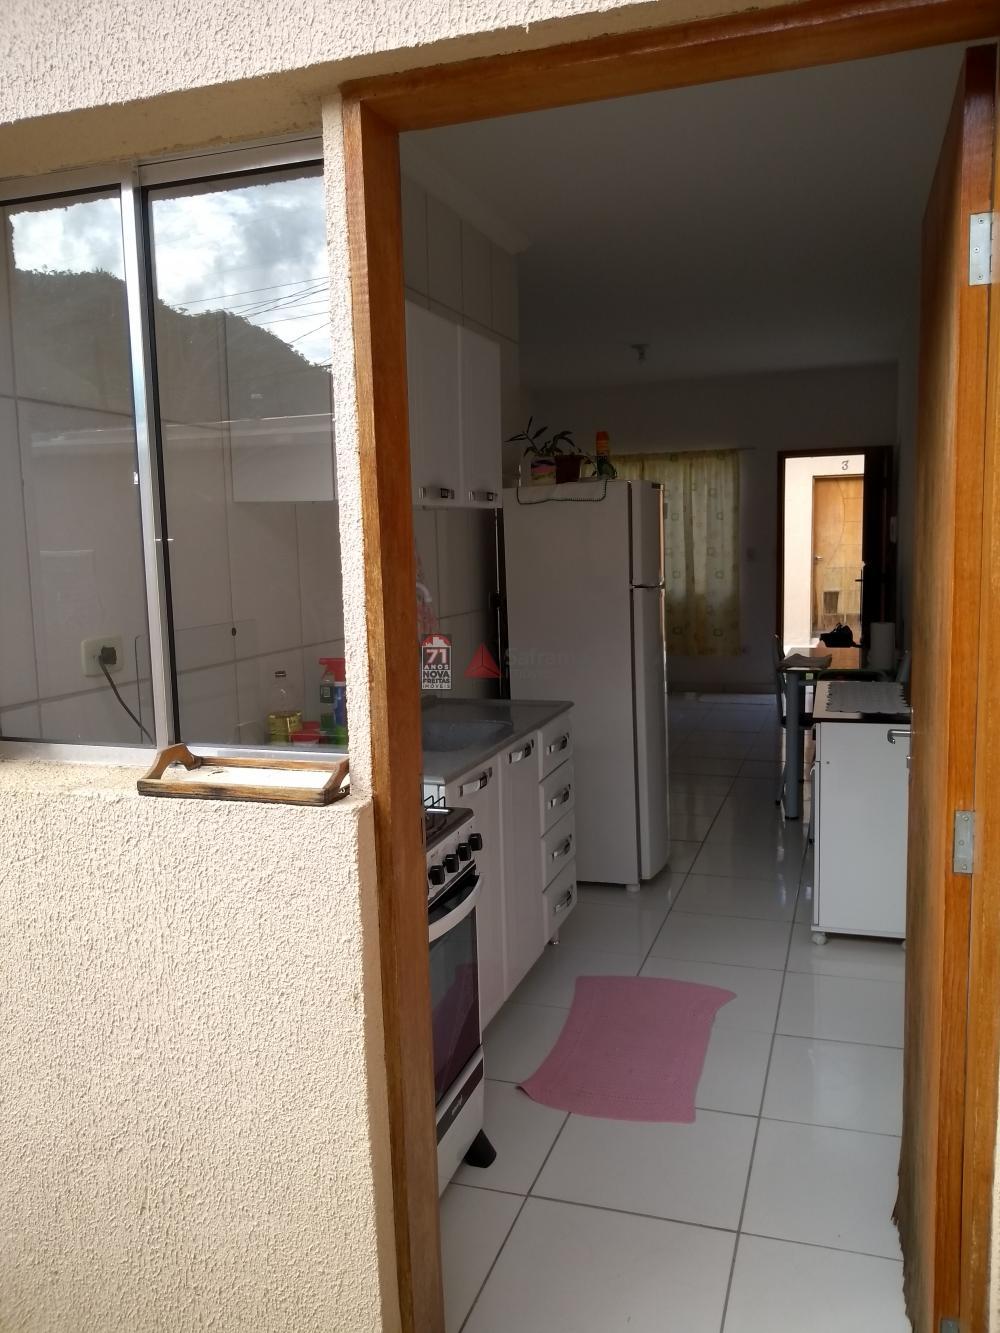 Alugar Casa / Condomínio em Caraguatatuba apenas R$ 1.100,00 - Foto 10